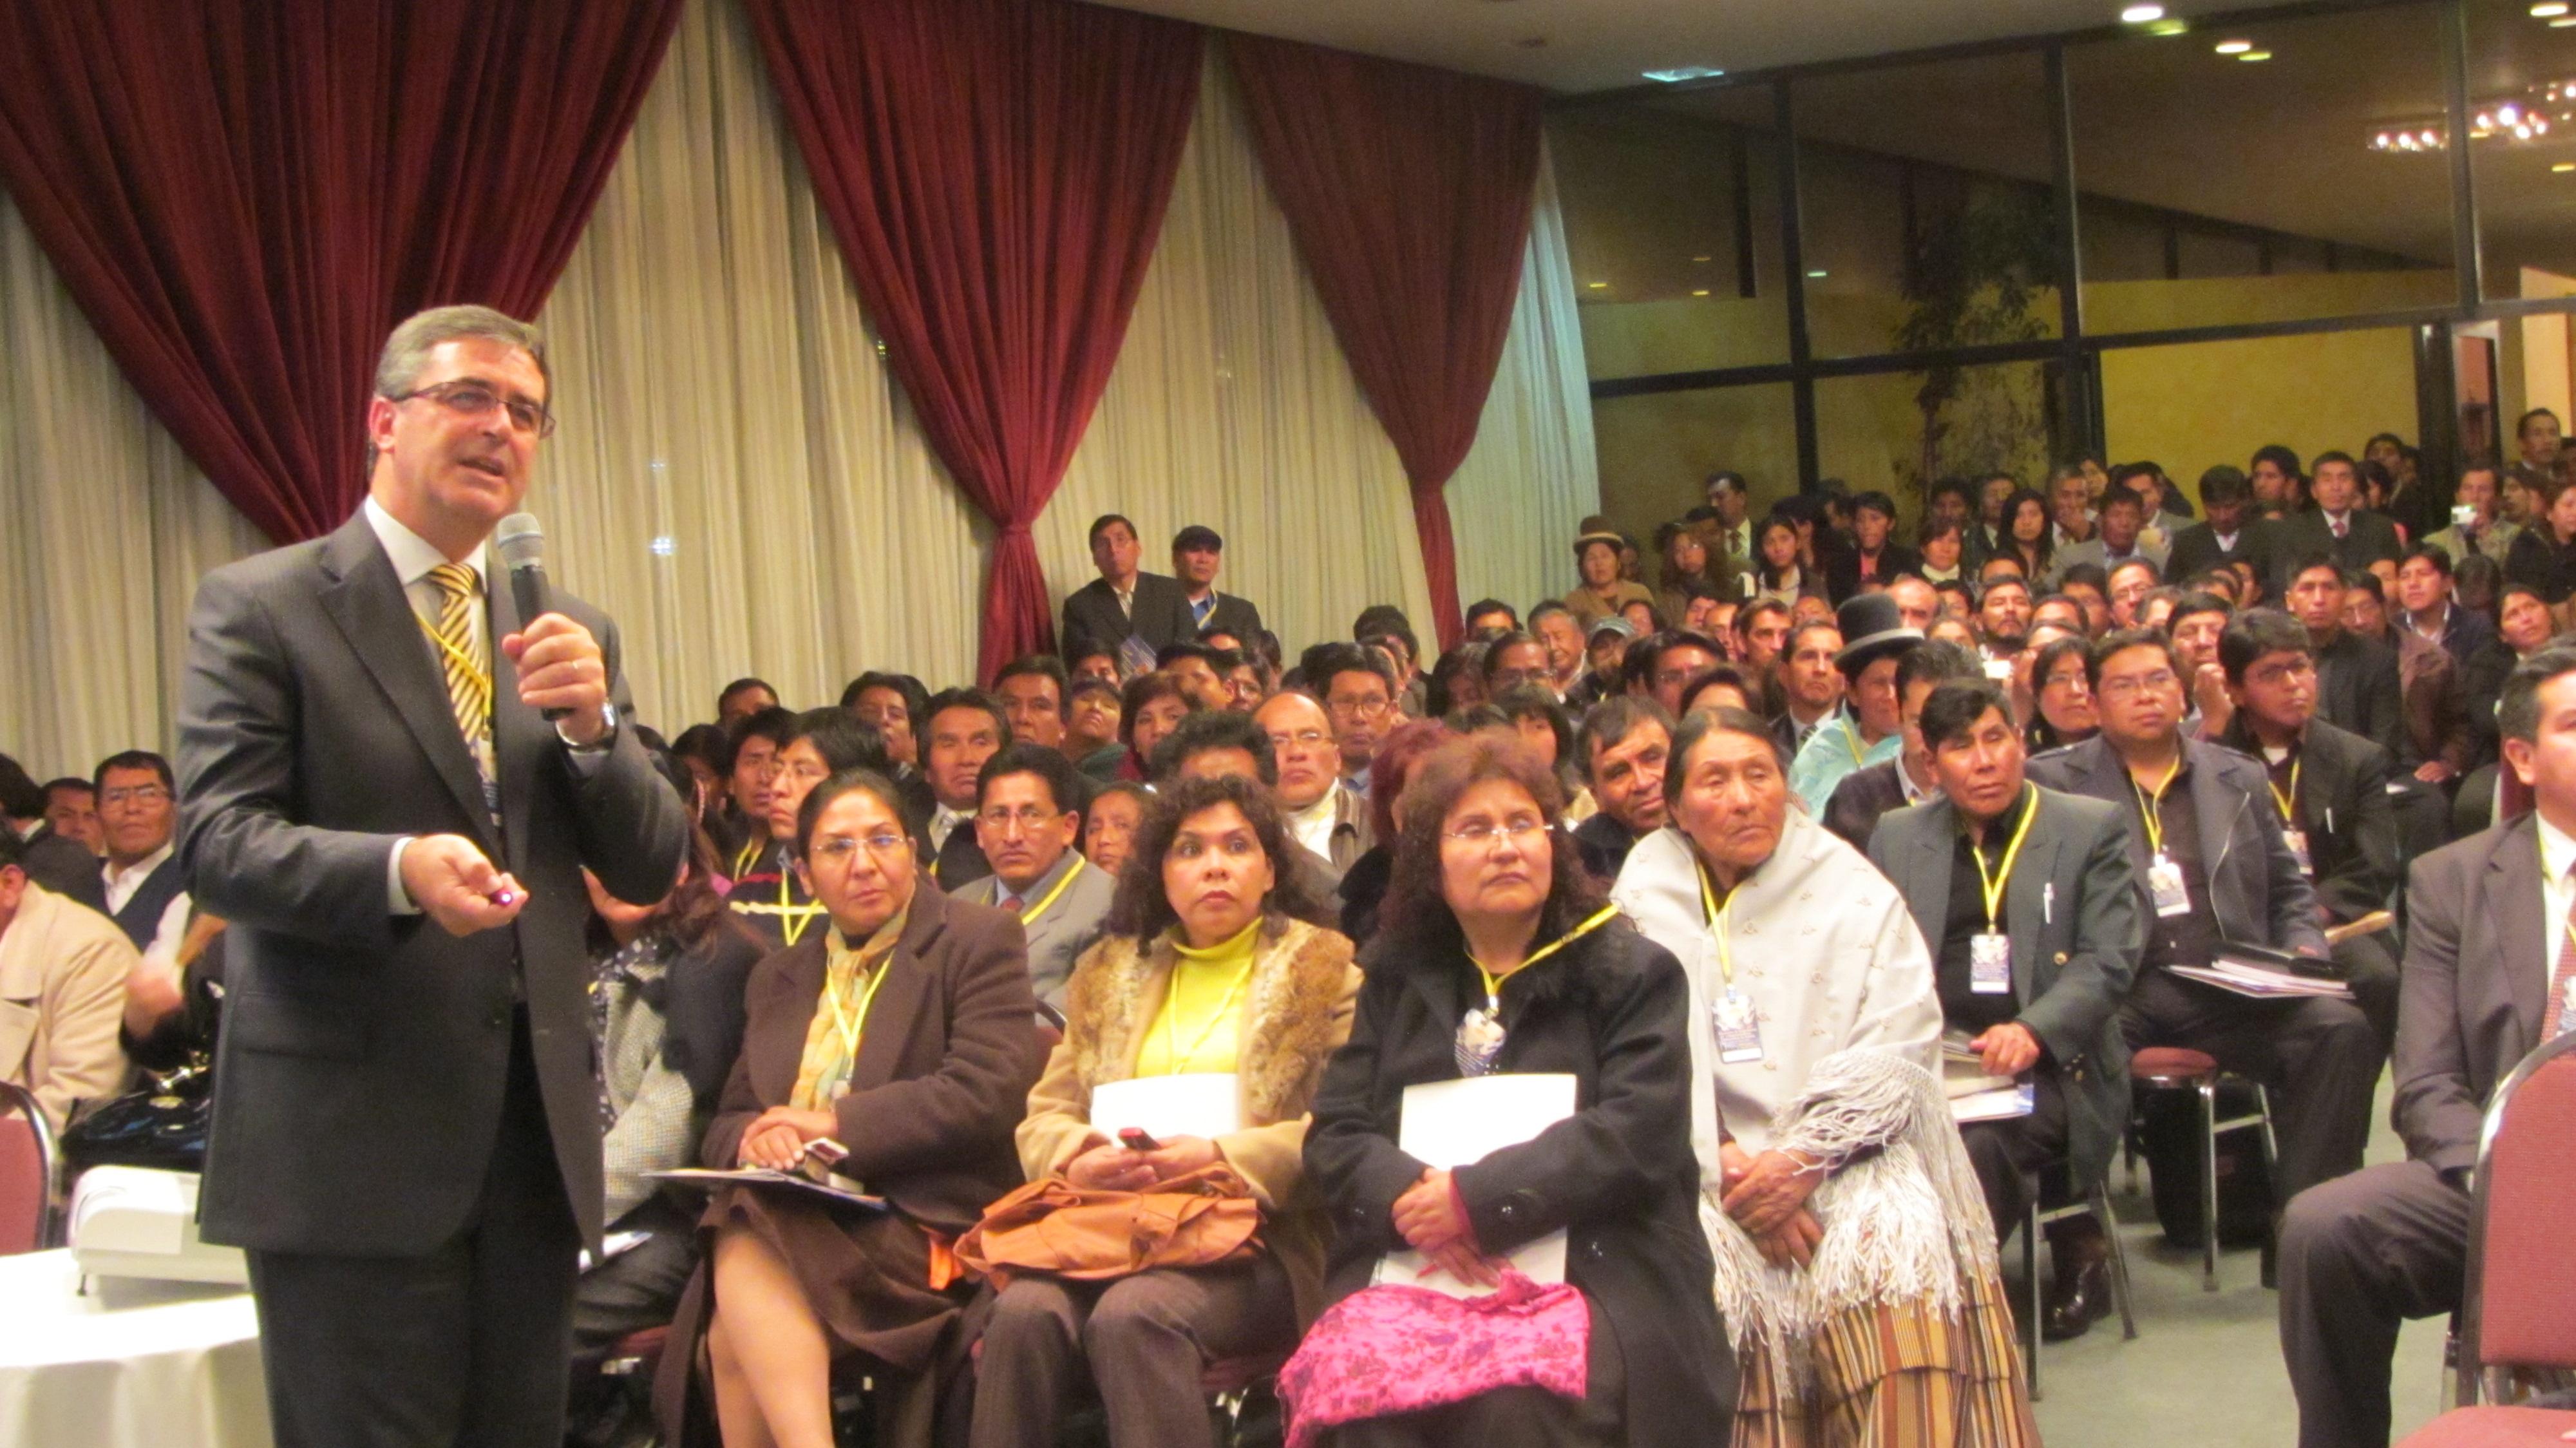 Líder de la iglesia en Sudamérica en Encuentro de Empresarios y Emprendedores, en Bolivia